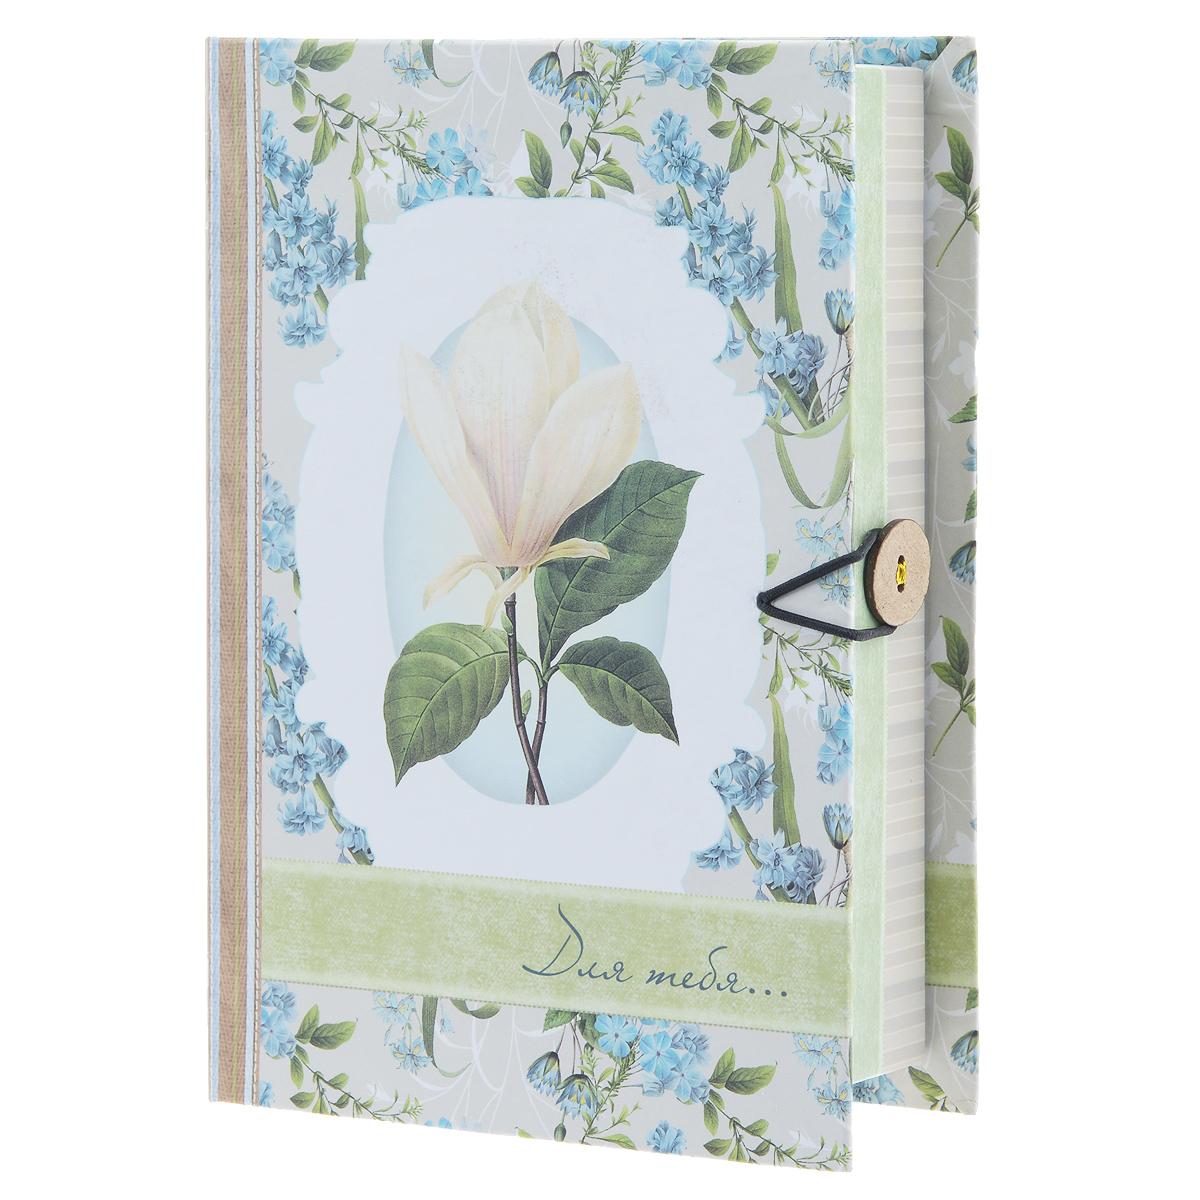 Подарочная коробка Летние цветы, 20 х 14 х 6 см39485Подарочная коробка Летние цветы выполнена из плотного картона. Изделие оформлено изображением цветов, сбоку имеется надпись Для тебя.... Коробка закрывается на пуговицу. Подарочная коробка - это наилучшее решение, если вы хотите порадовать ваших близких и создать праздничное настроение, ведь подарок, преподнесенный в оригинальной упаковке, всегда будет самым эффектным и запоминающимся. Окружите близких людей вниманием и заботой, вручив презент в нарядном, праздничном оформлении. Плотность картона: 1100 г/м2.